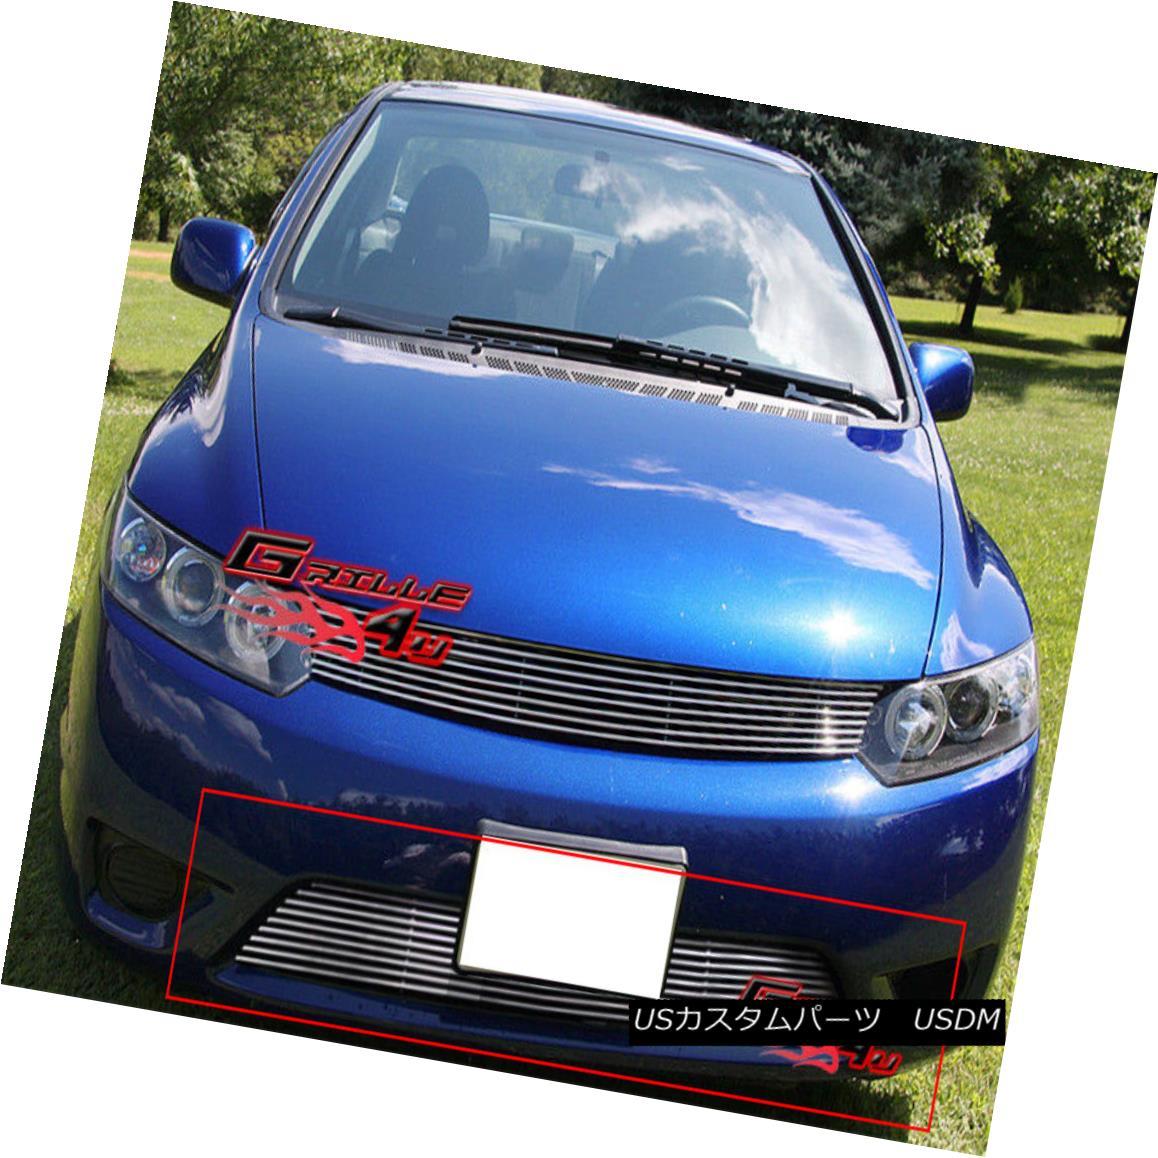 グリル Fits 06-08 Honda Civic Coupe Lower Bumper Billet Grille Insert フィット06-08ホンダシビッククーペロワーバンパービレットグリルインサート